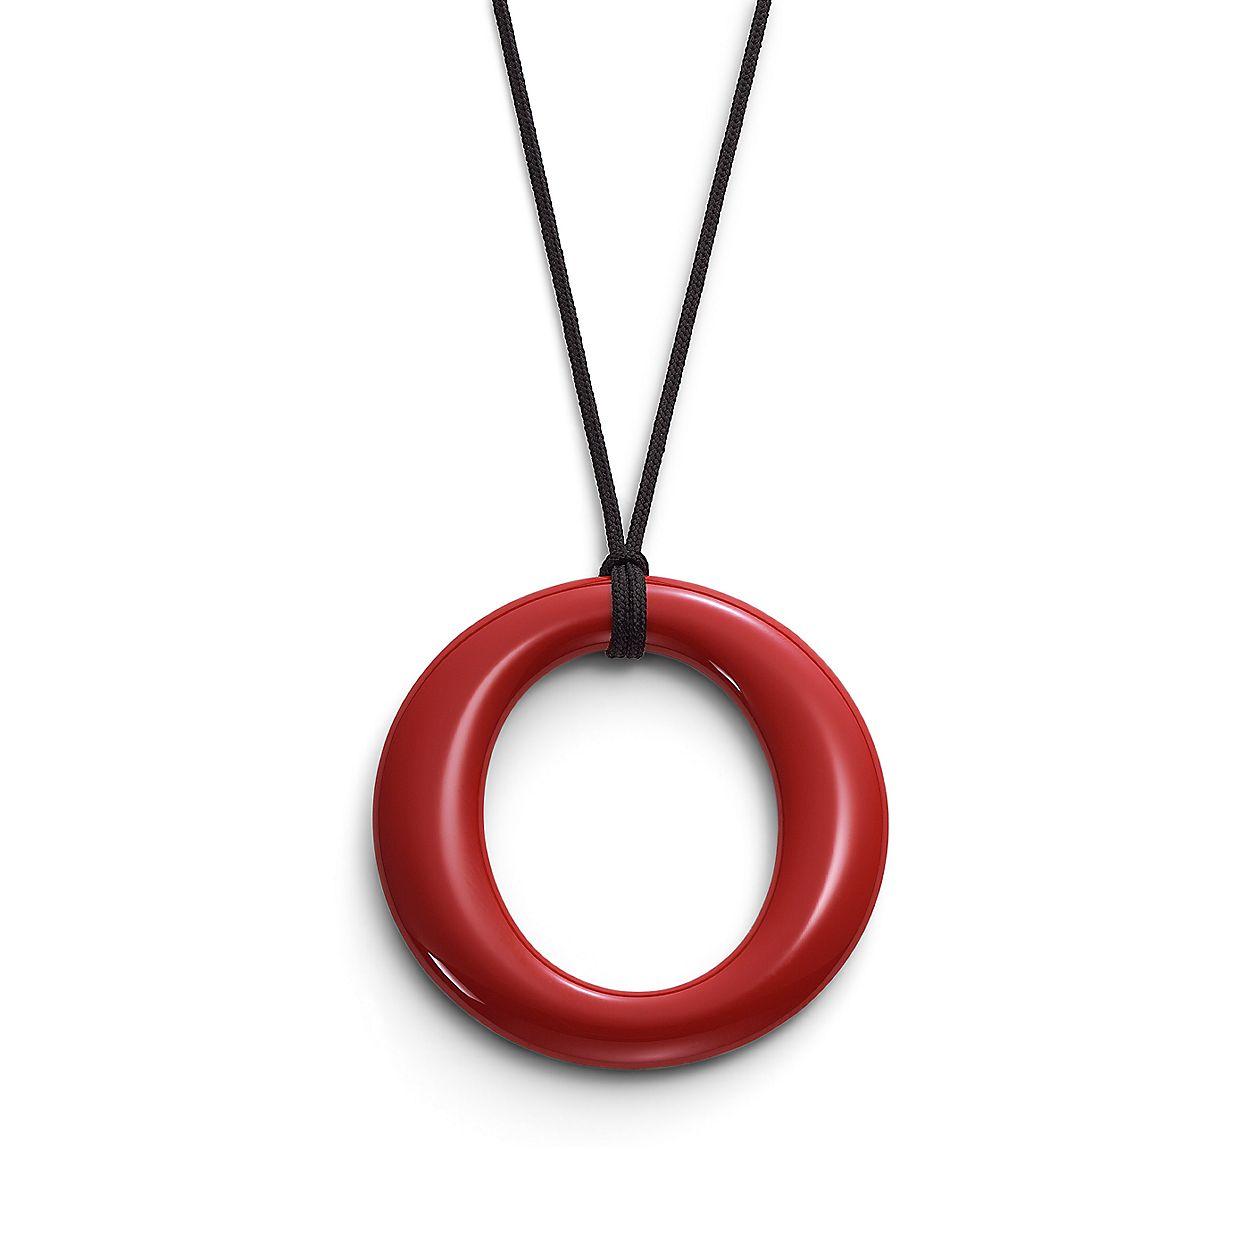 e8c105c70 Elsa Peretti® Sevillana pendant in red lacquer over Japanese ...